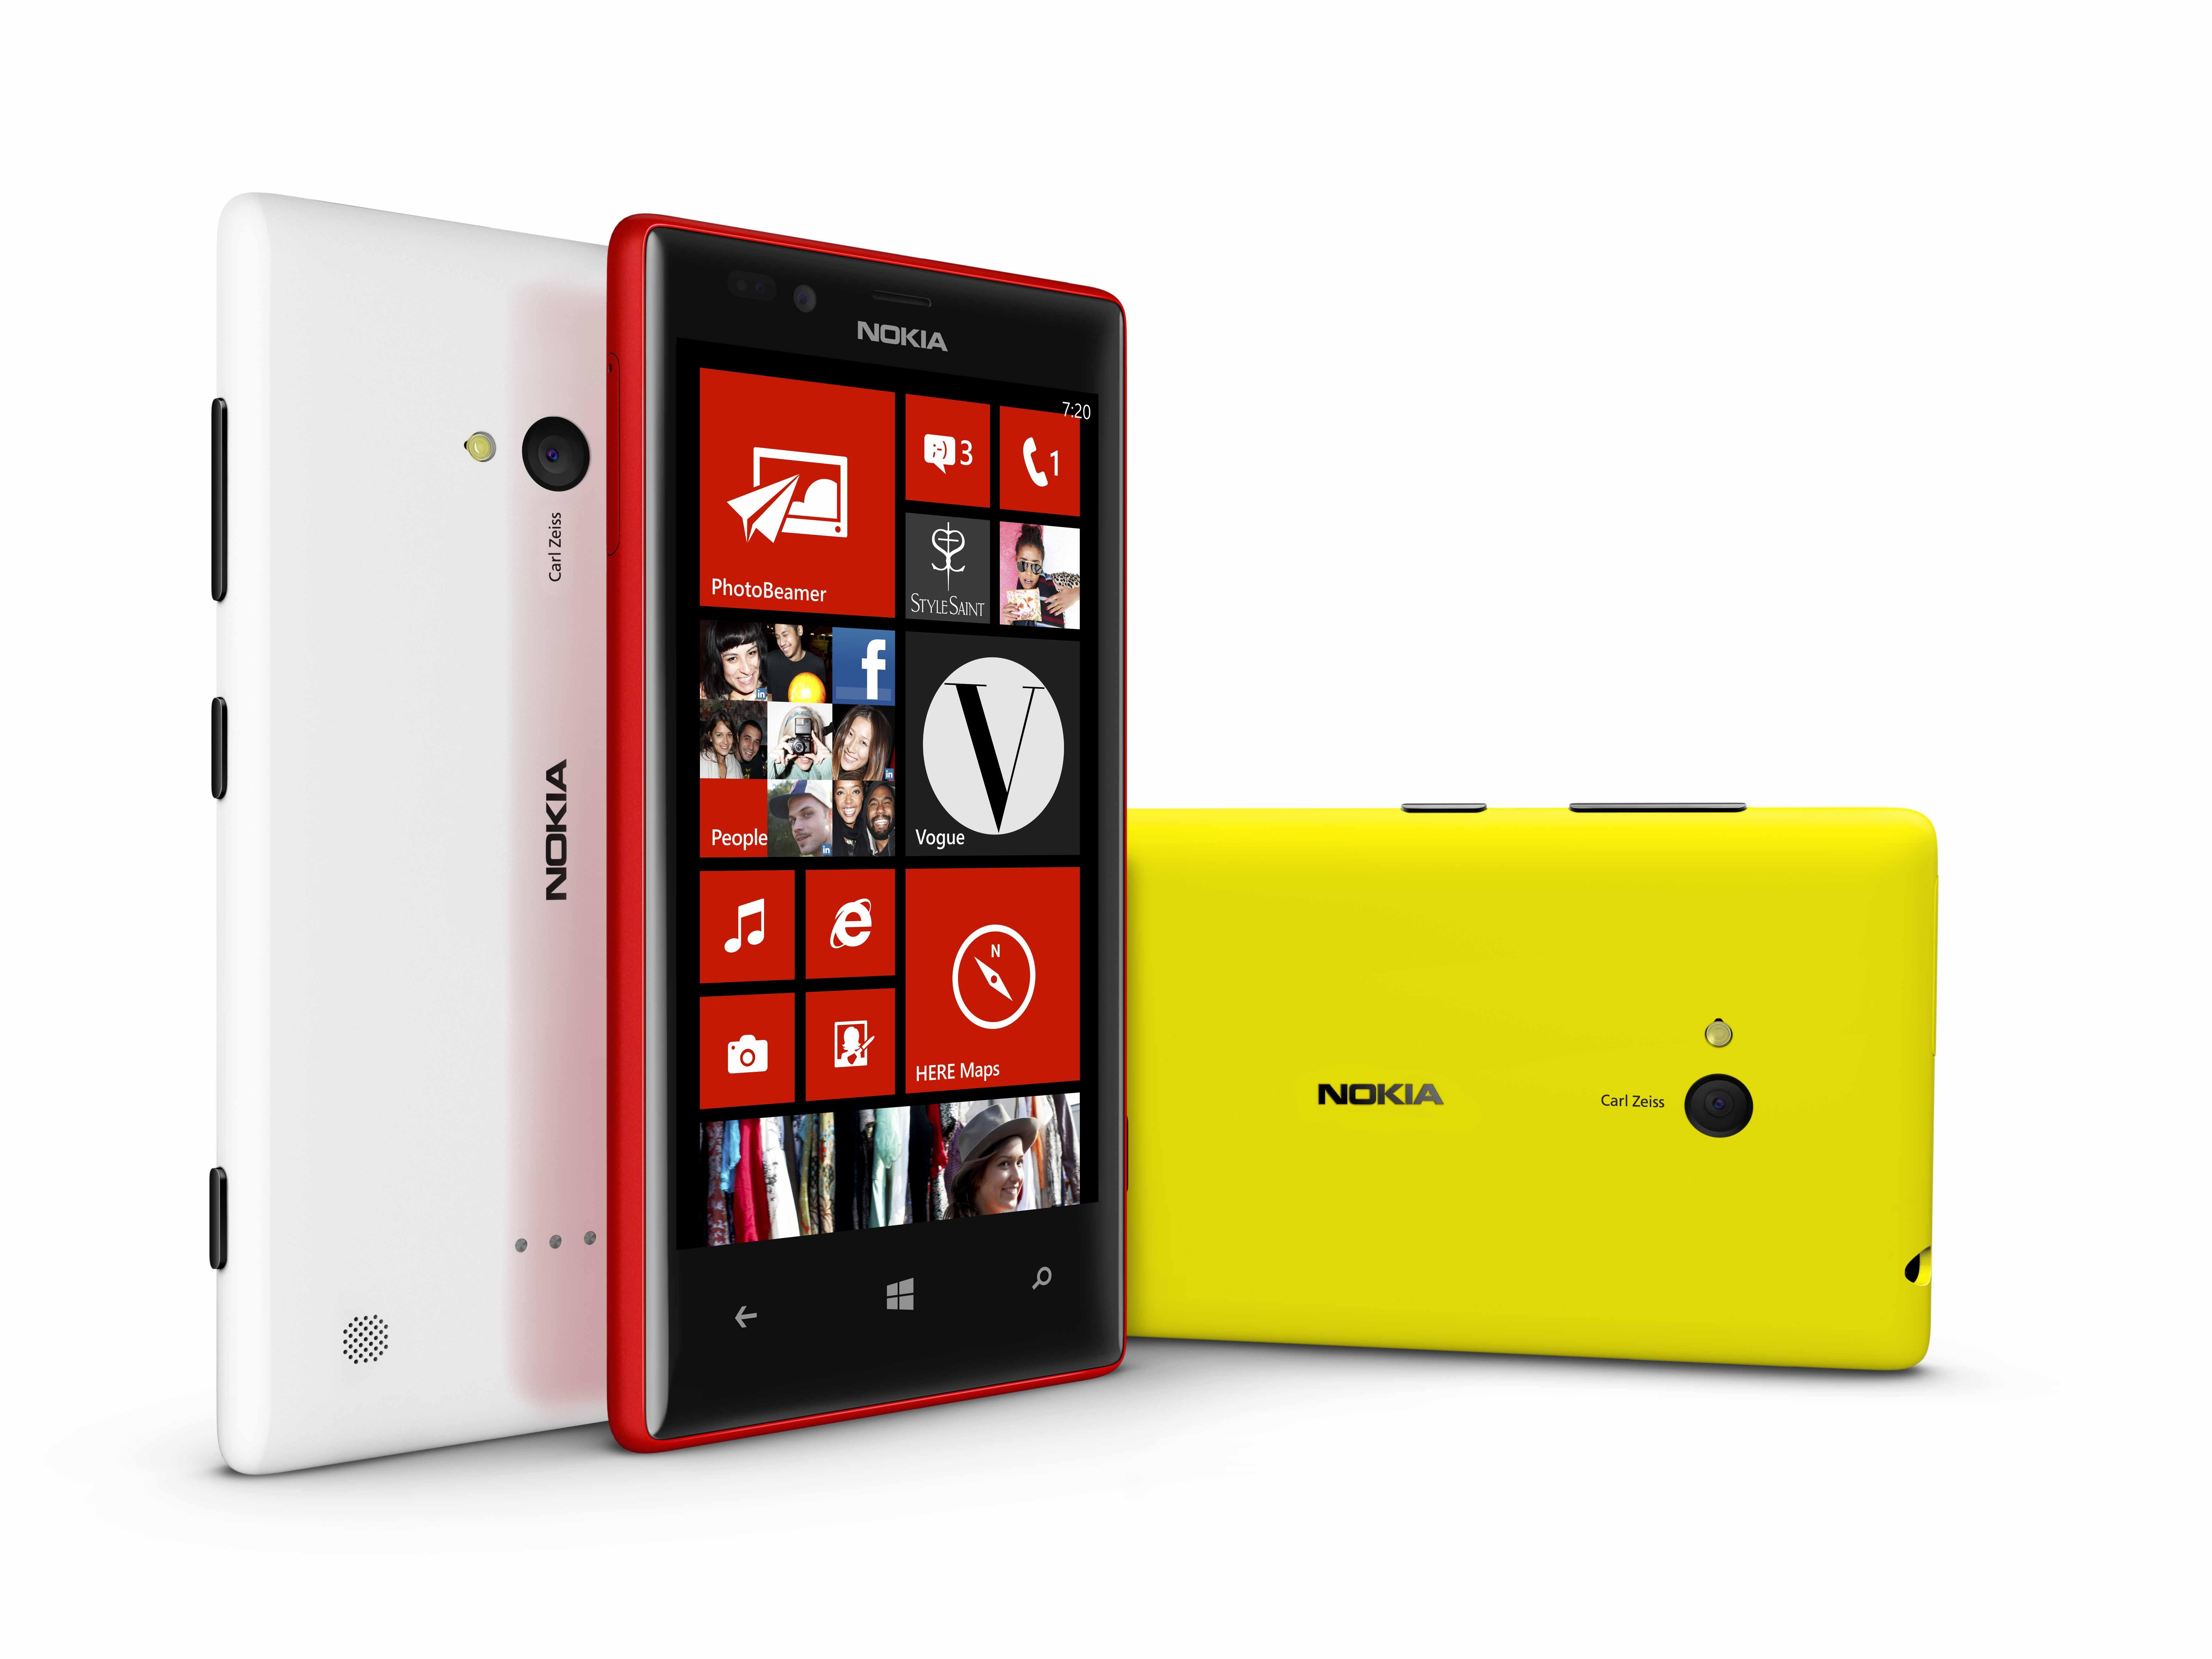 nokia-lumia-720-red_white_yellow_2